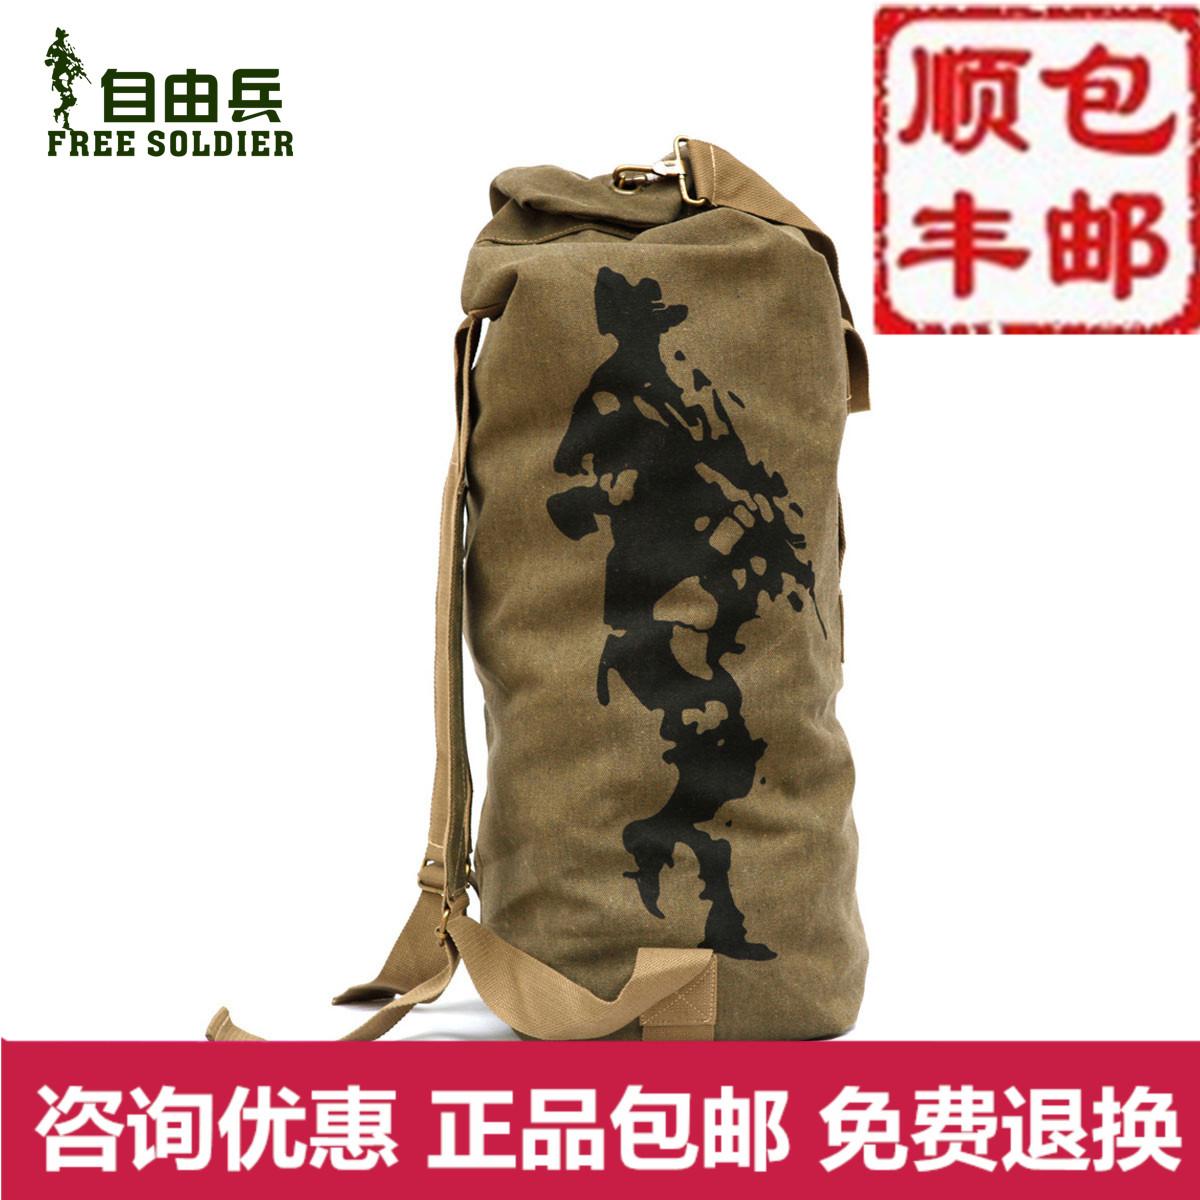 自由兵 军迷用品战术背包 可折叠桶包户外背包 男 双肩帆布登山包